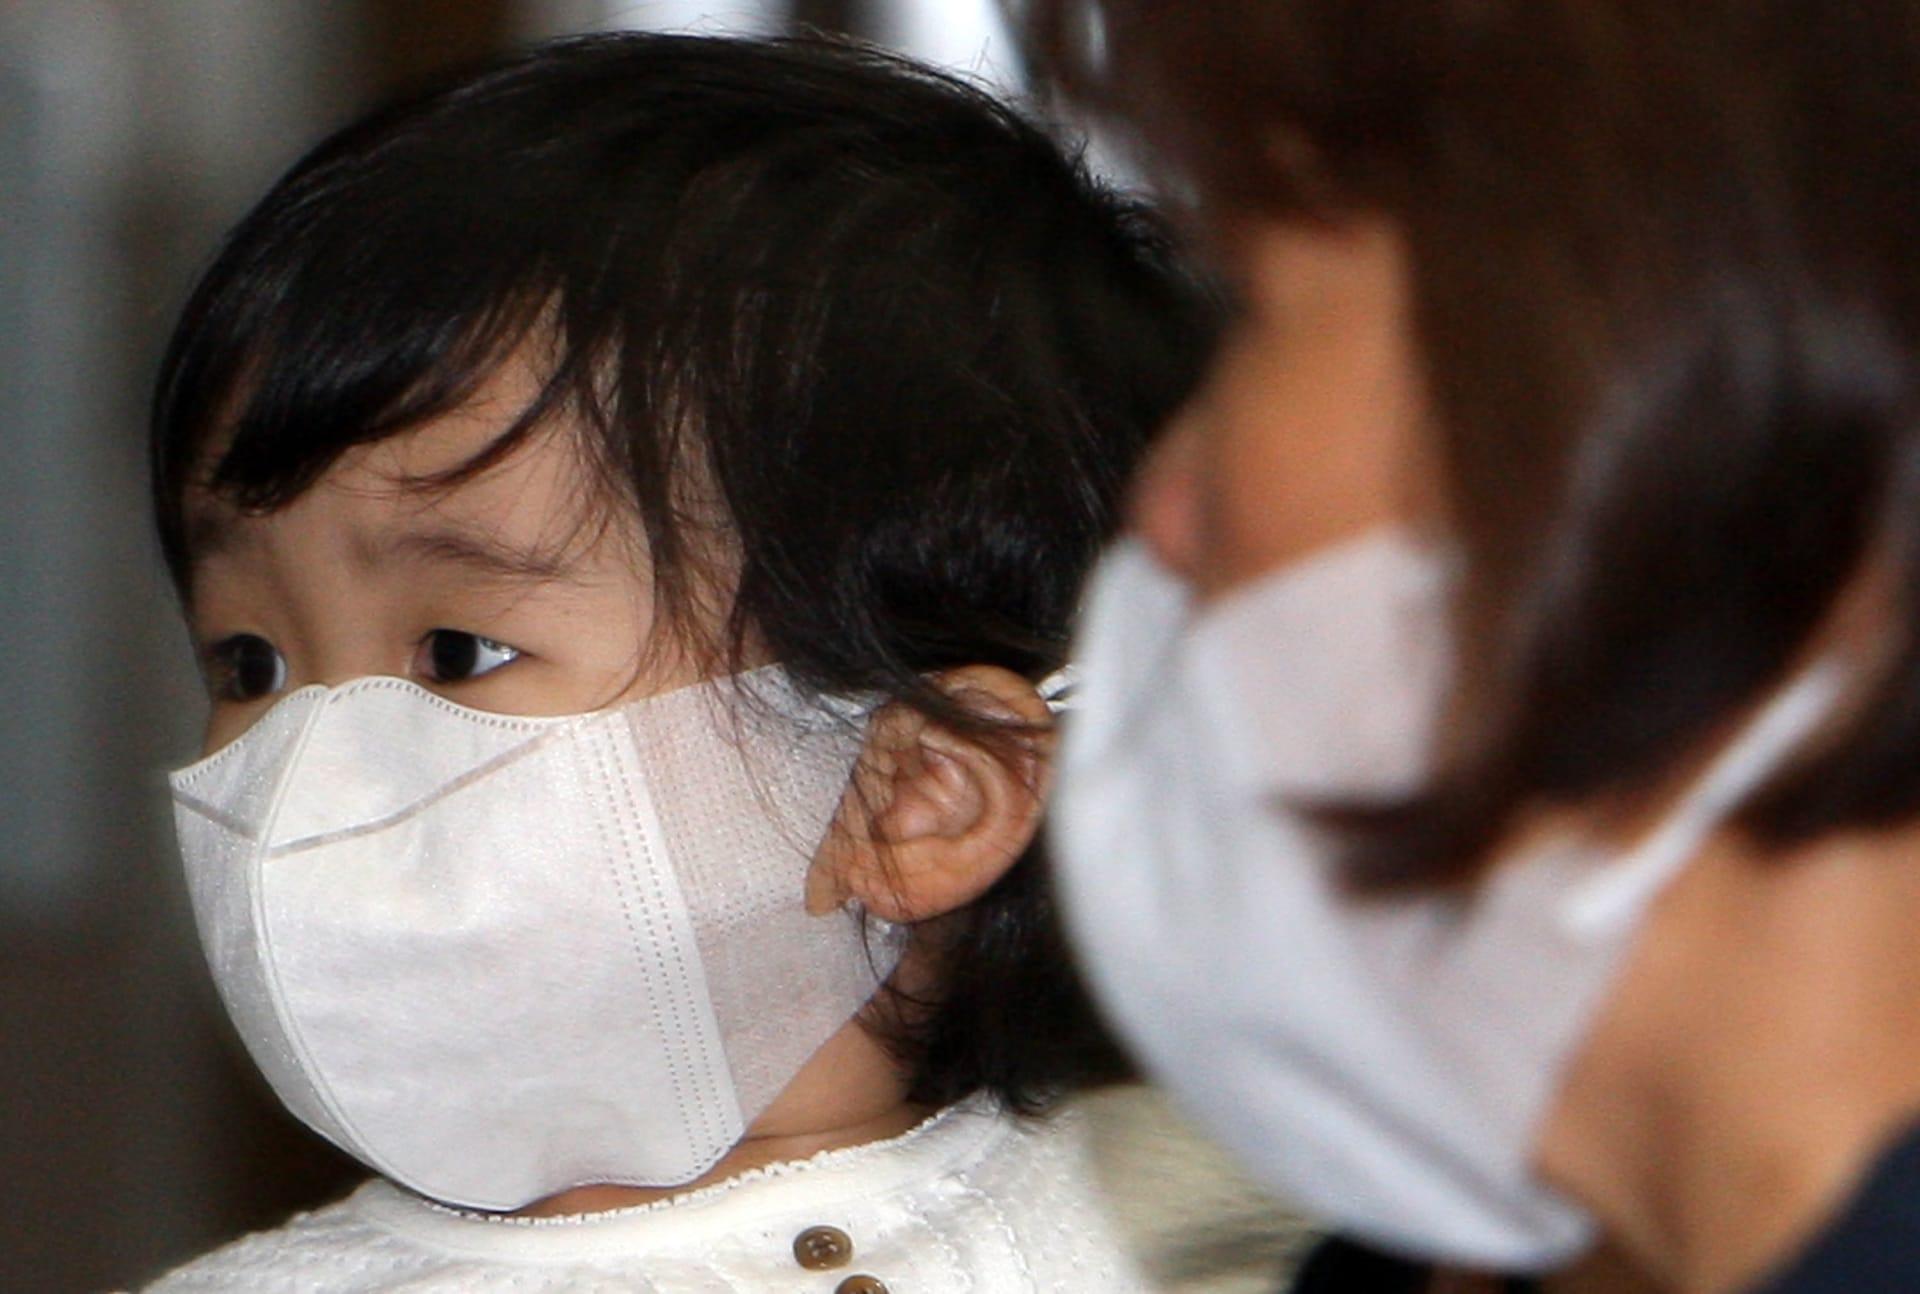 الأقنعة قد تزيد من خطر الإصابة بفيروس كورونا إذا وُضعت بشكل غير صحيح